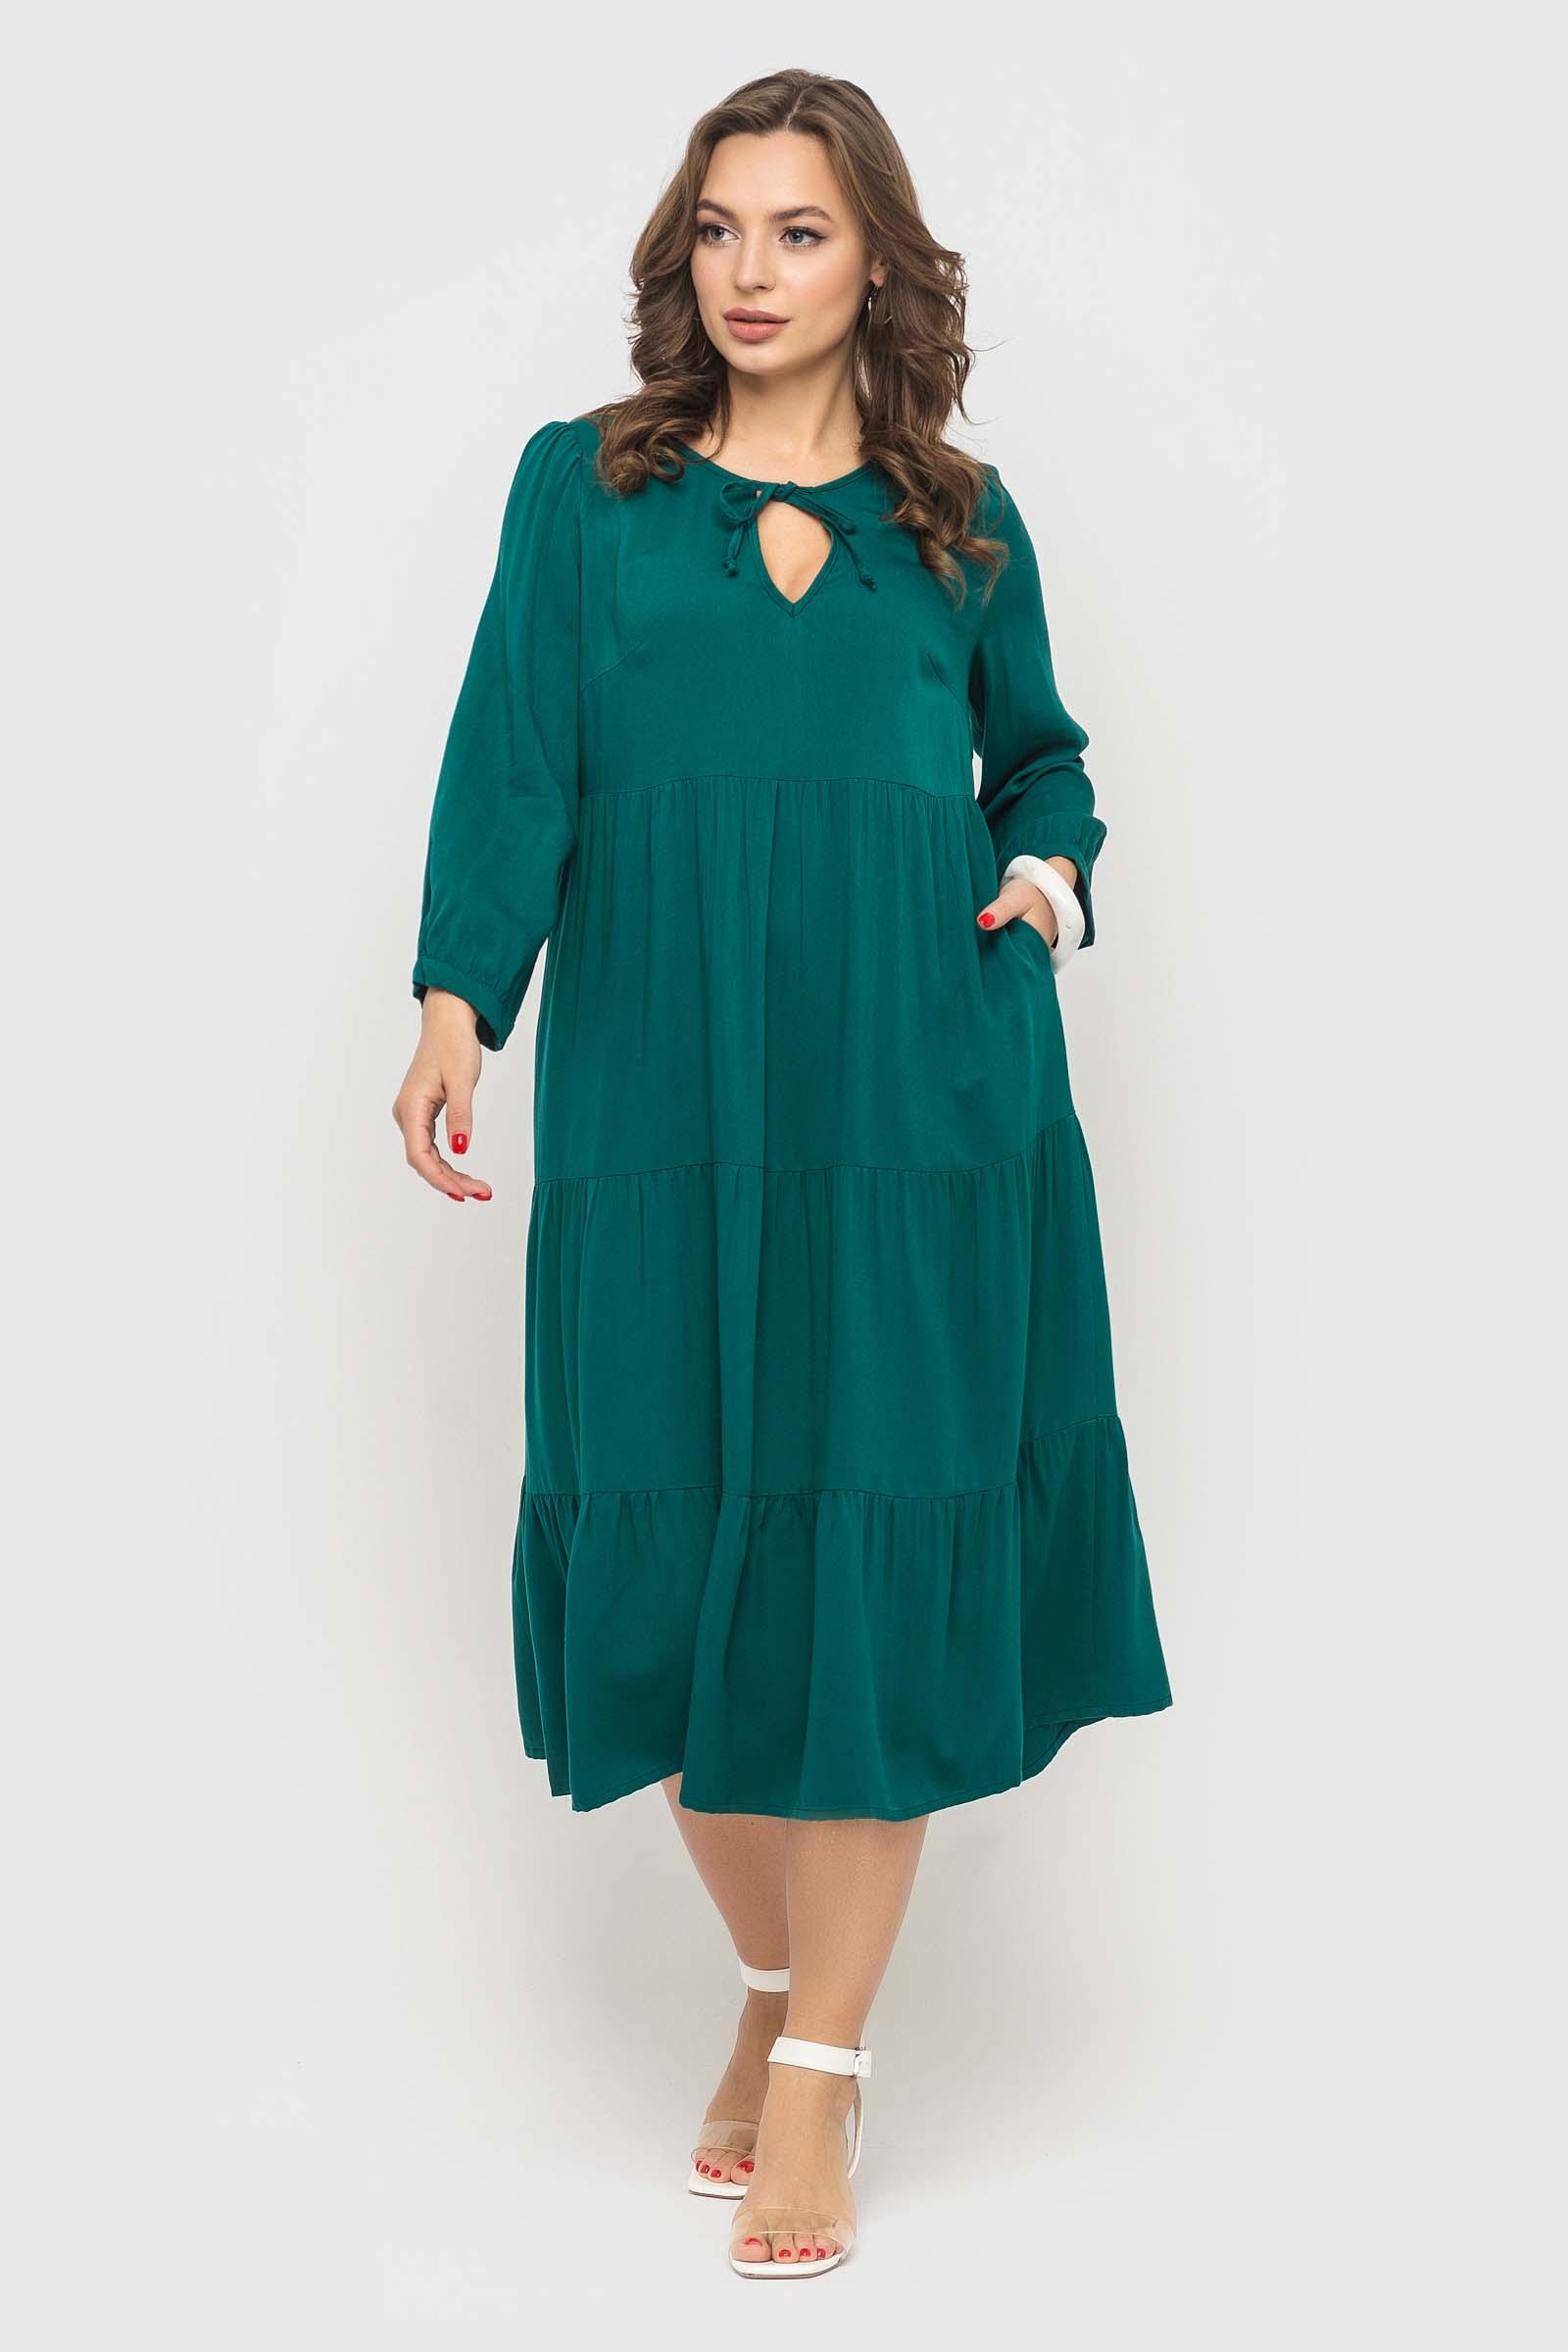 be art 2020 04 07182415 Купить платье